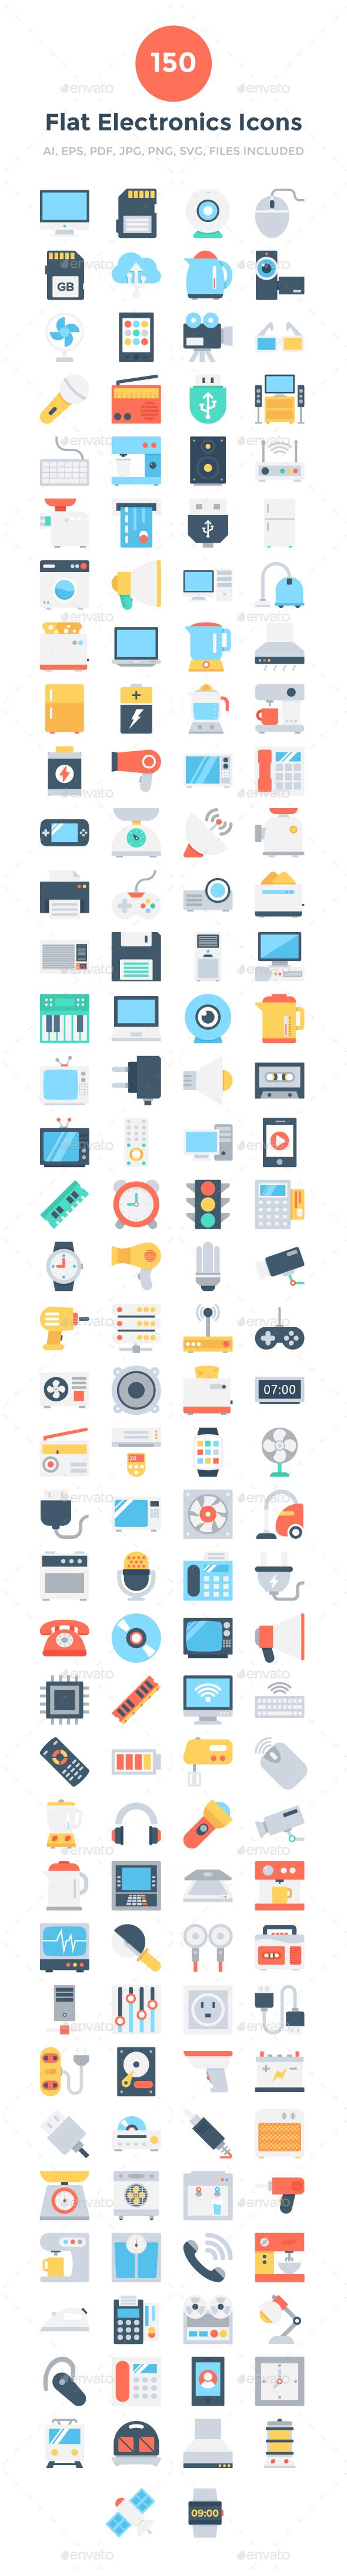 150 Flat Electronics Icons - Icons